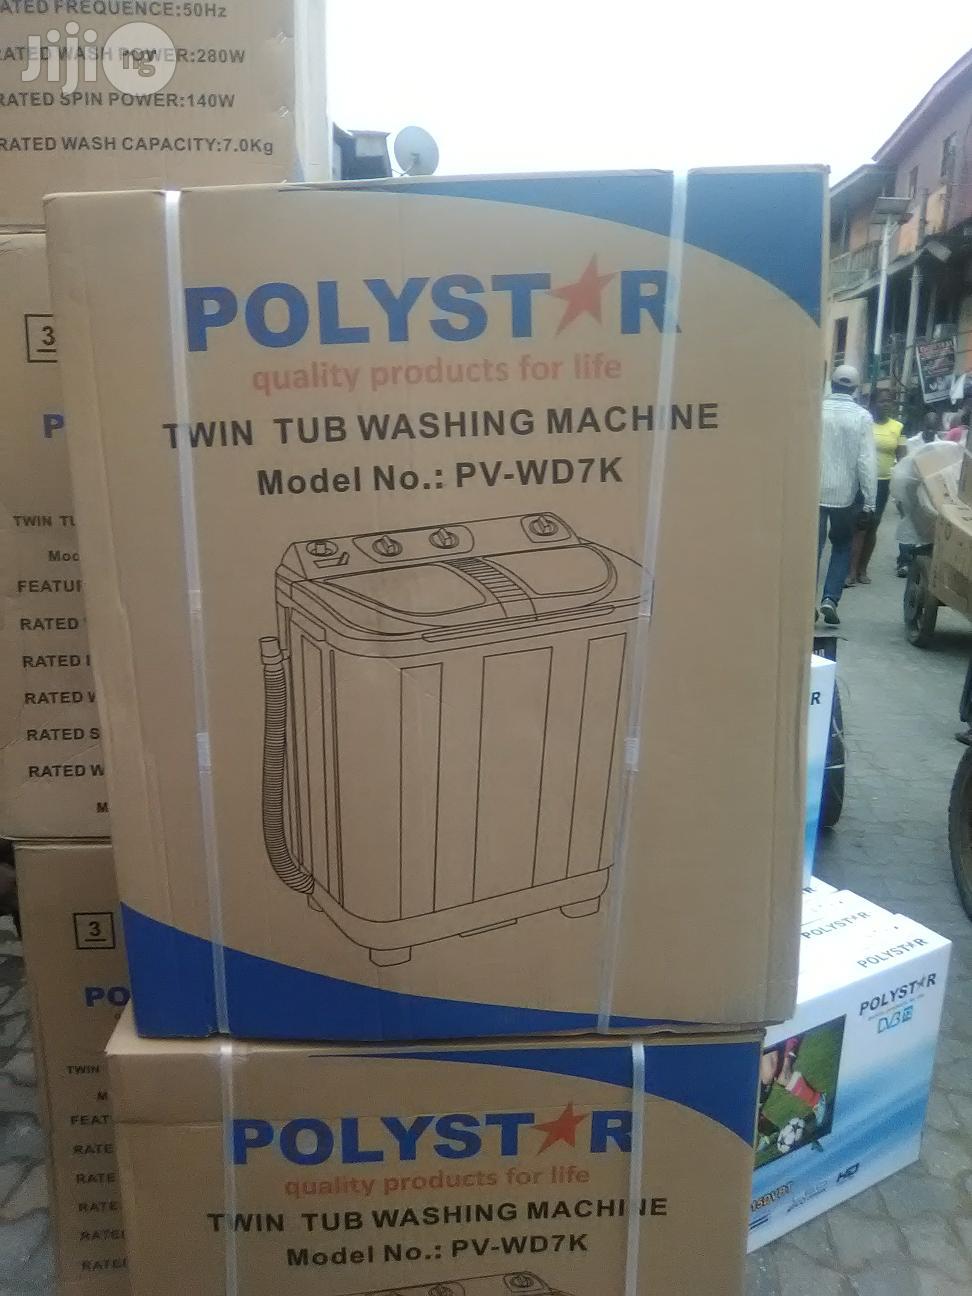 Polystar Twin Tub Washing Machine